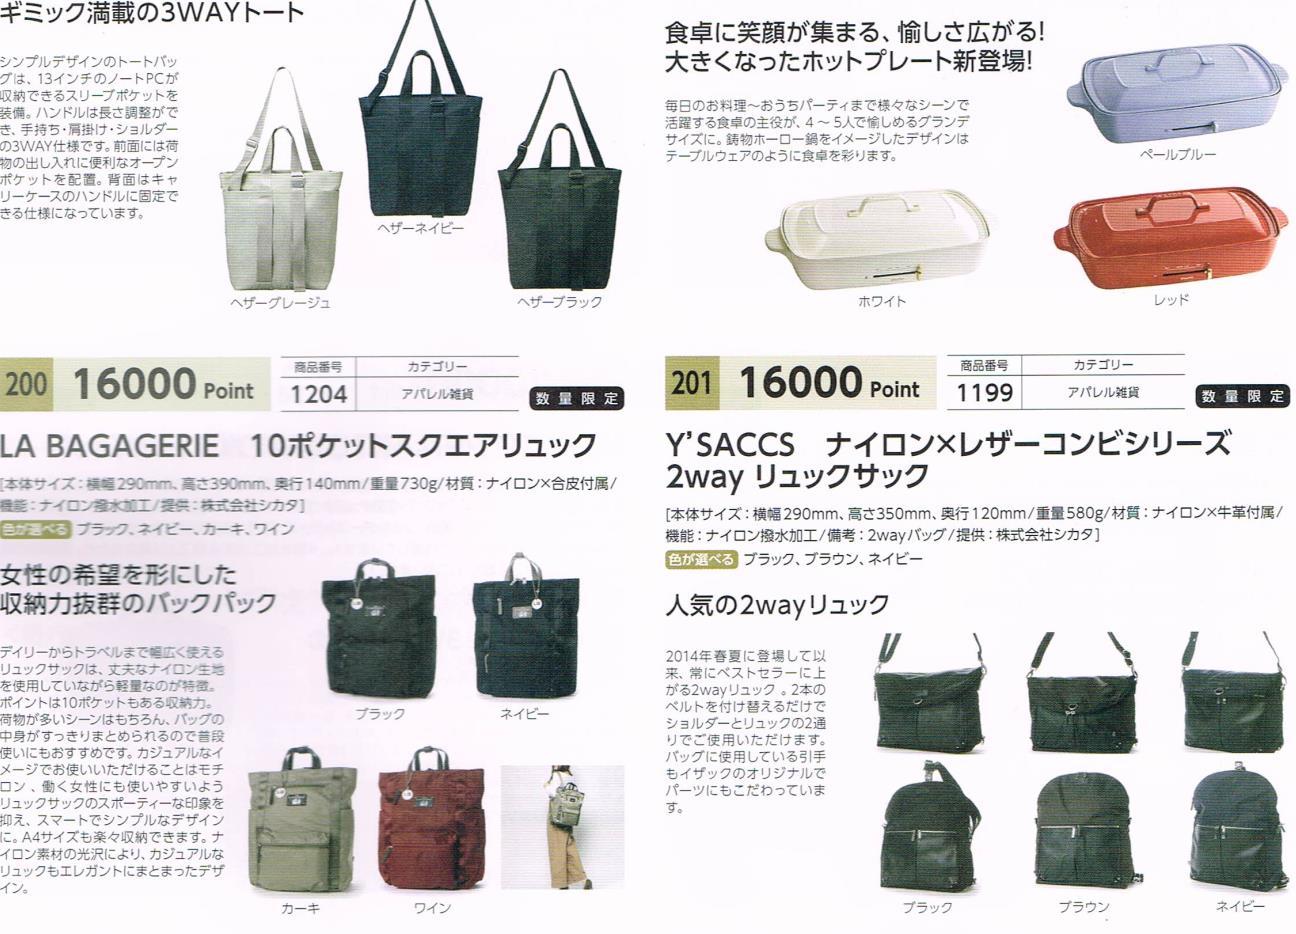 イデアインターナショナル株主優待カタログ